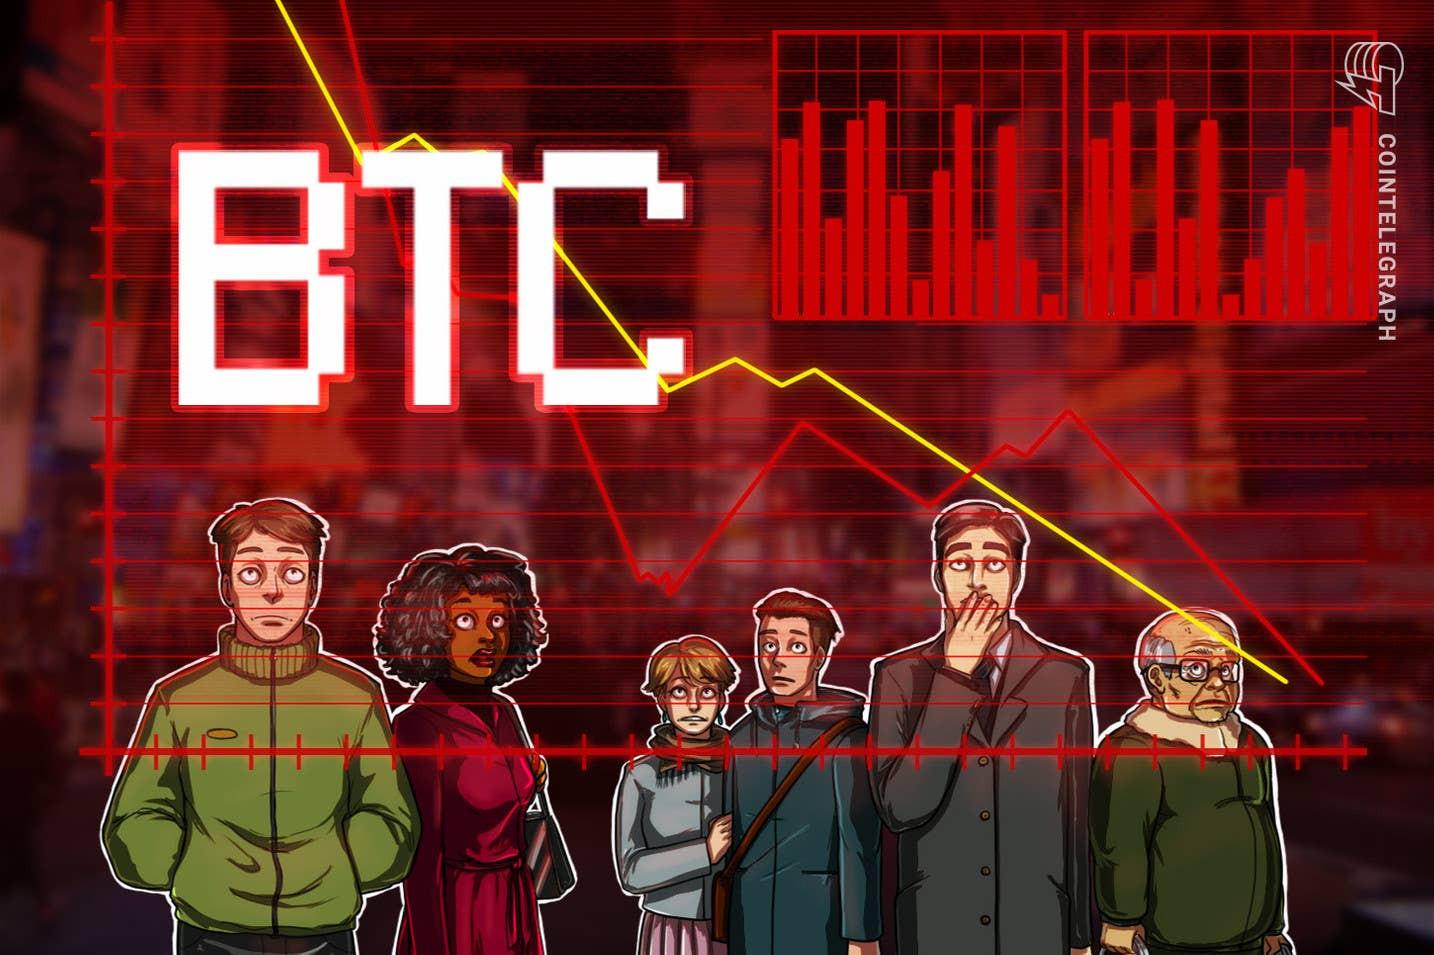 Kripto piyasasında son 24 saatte 740 milyon dolarlık pozisyon kapatıldı